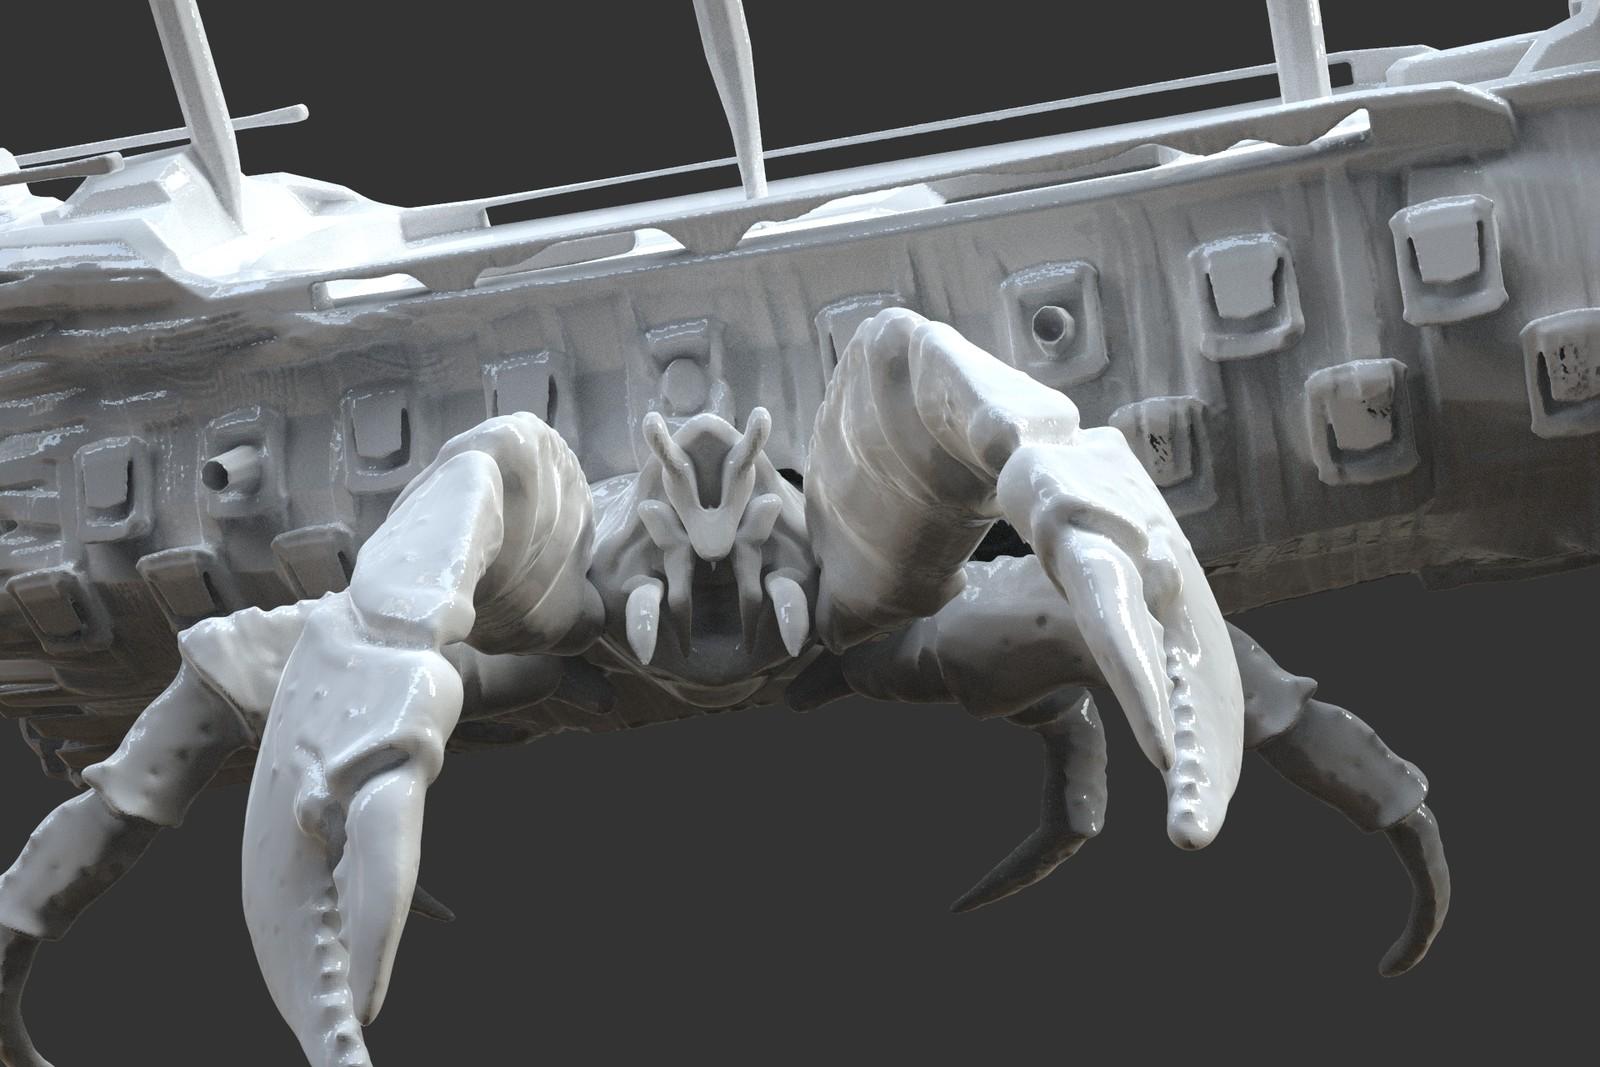 Zbrush Keyshot render of Crabby